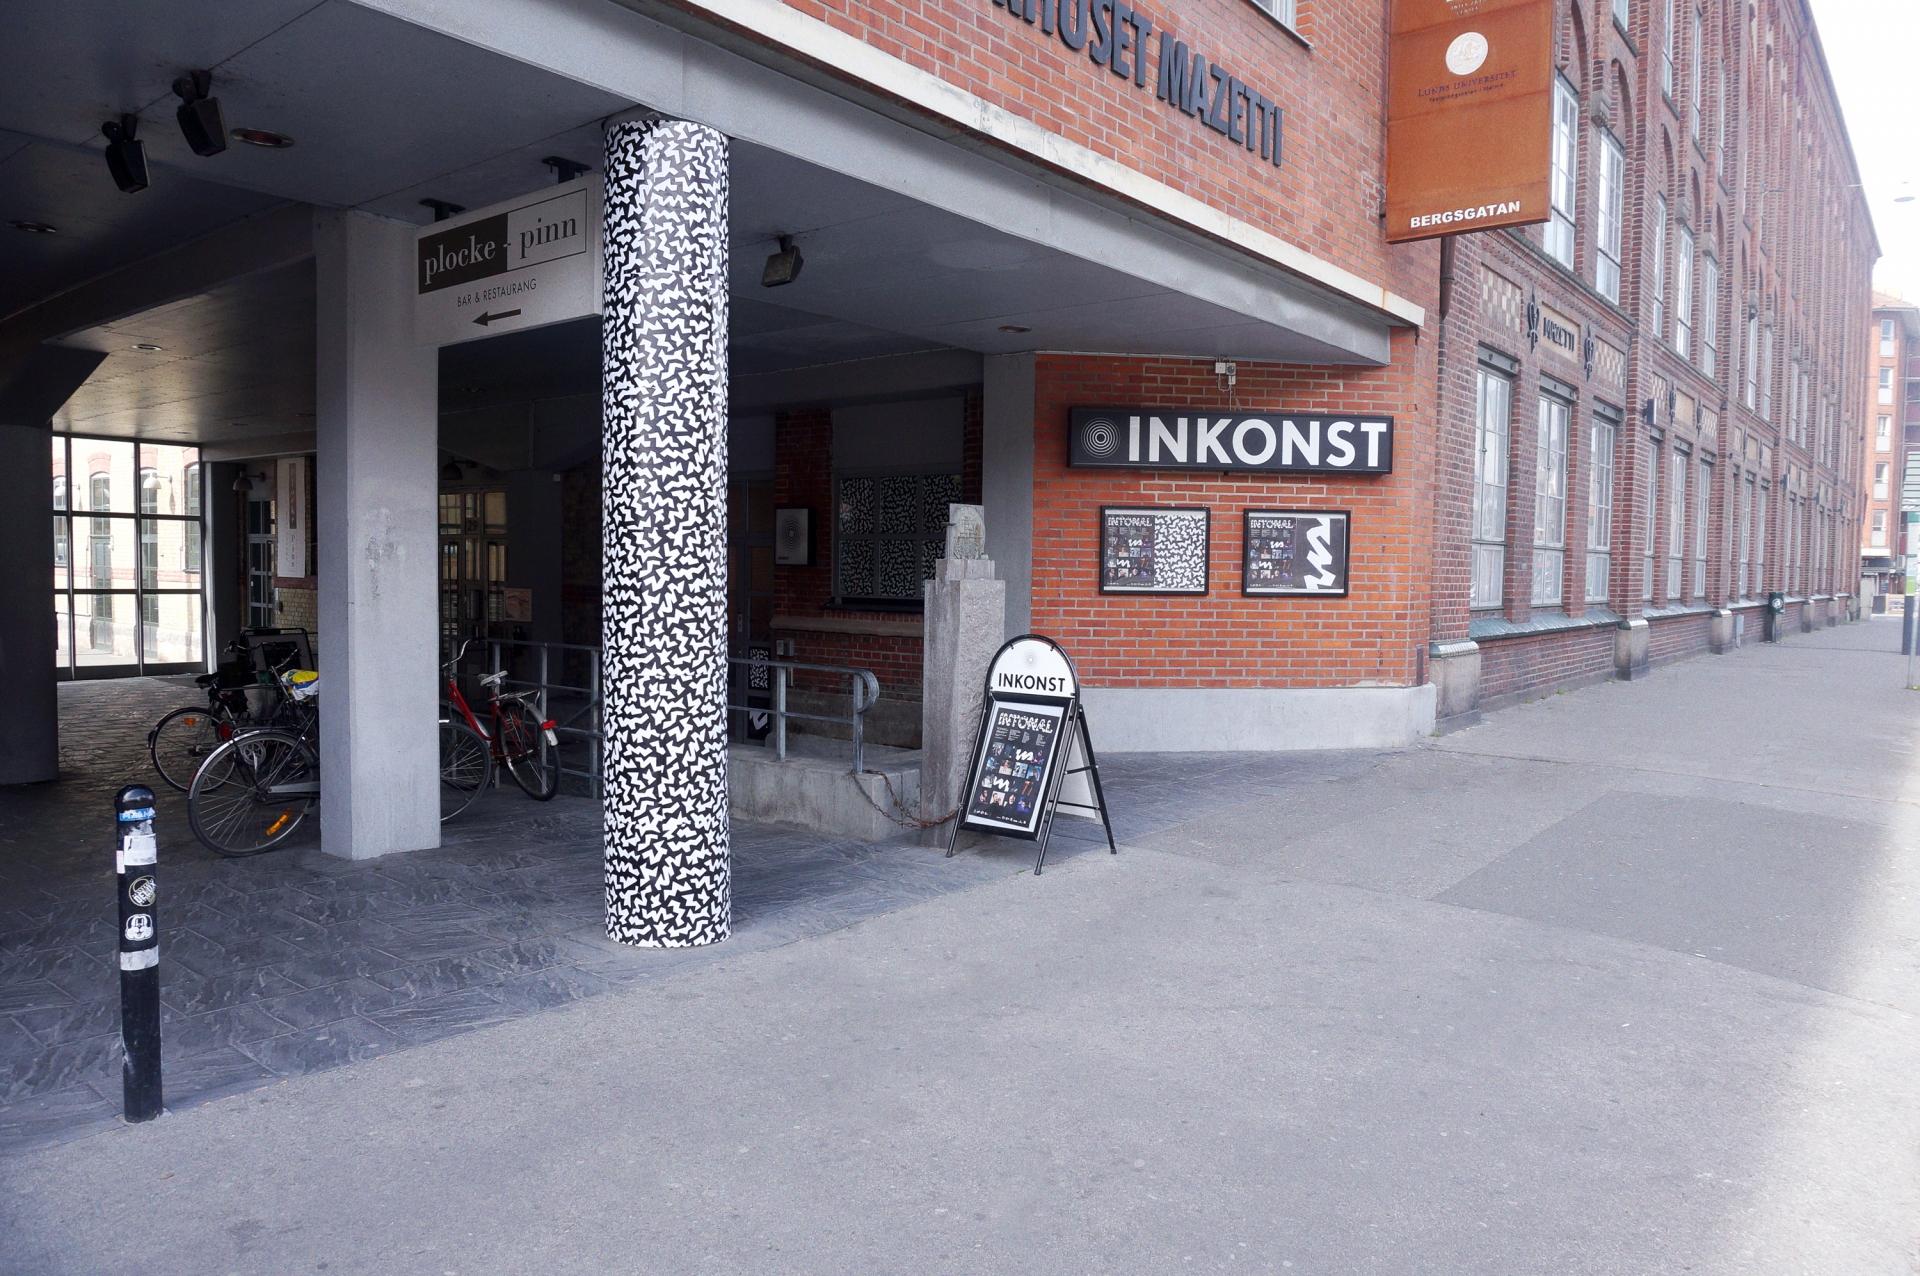 Ivar Lantz Intonal 2016 – Experimentell musik festival på Inkonst